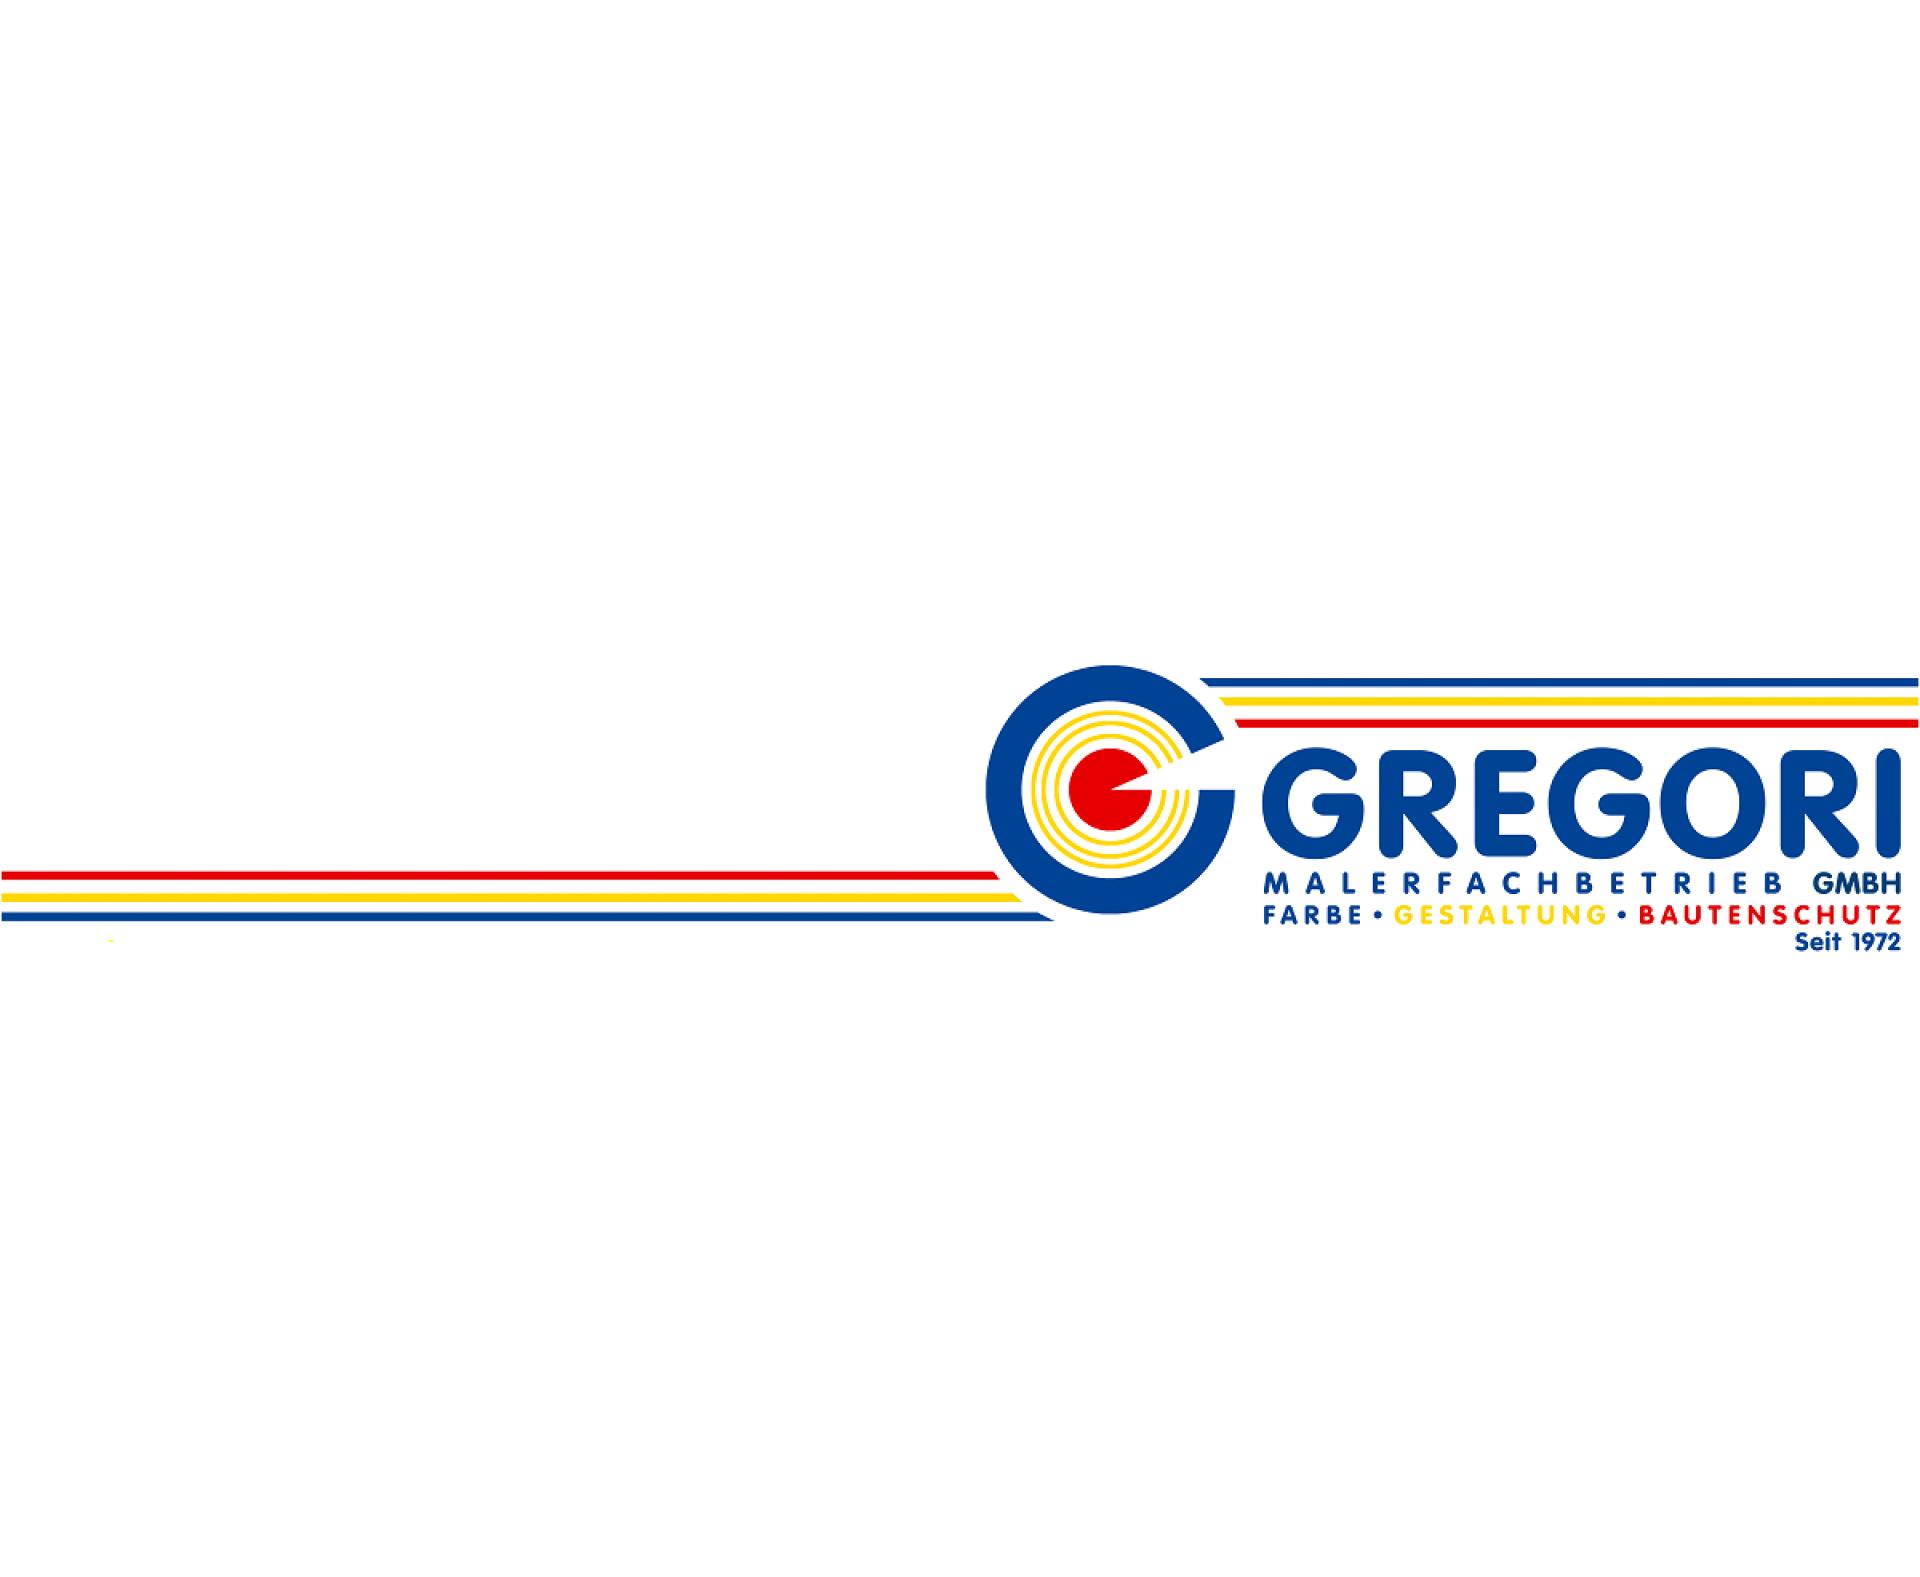 Putz- und Malerbetrieb Gregori GmbH